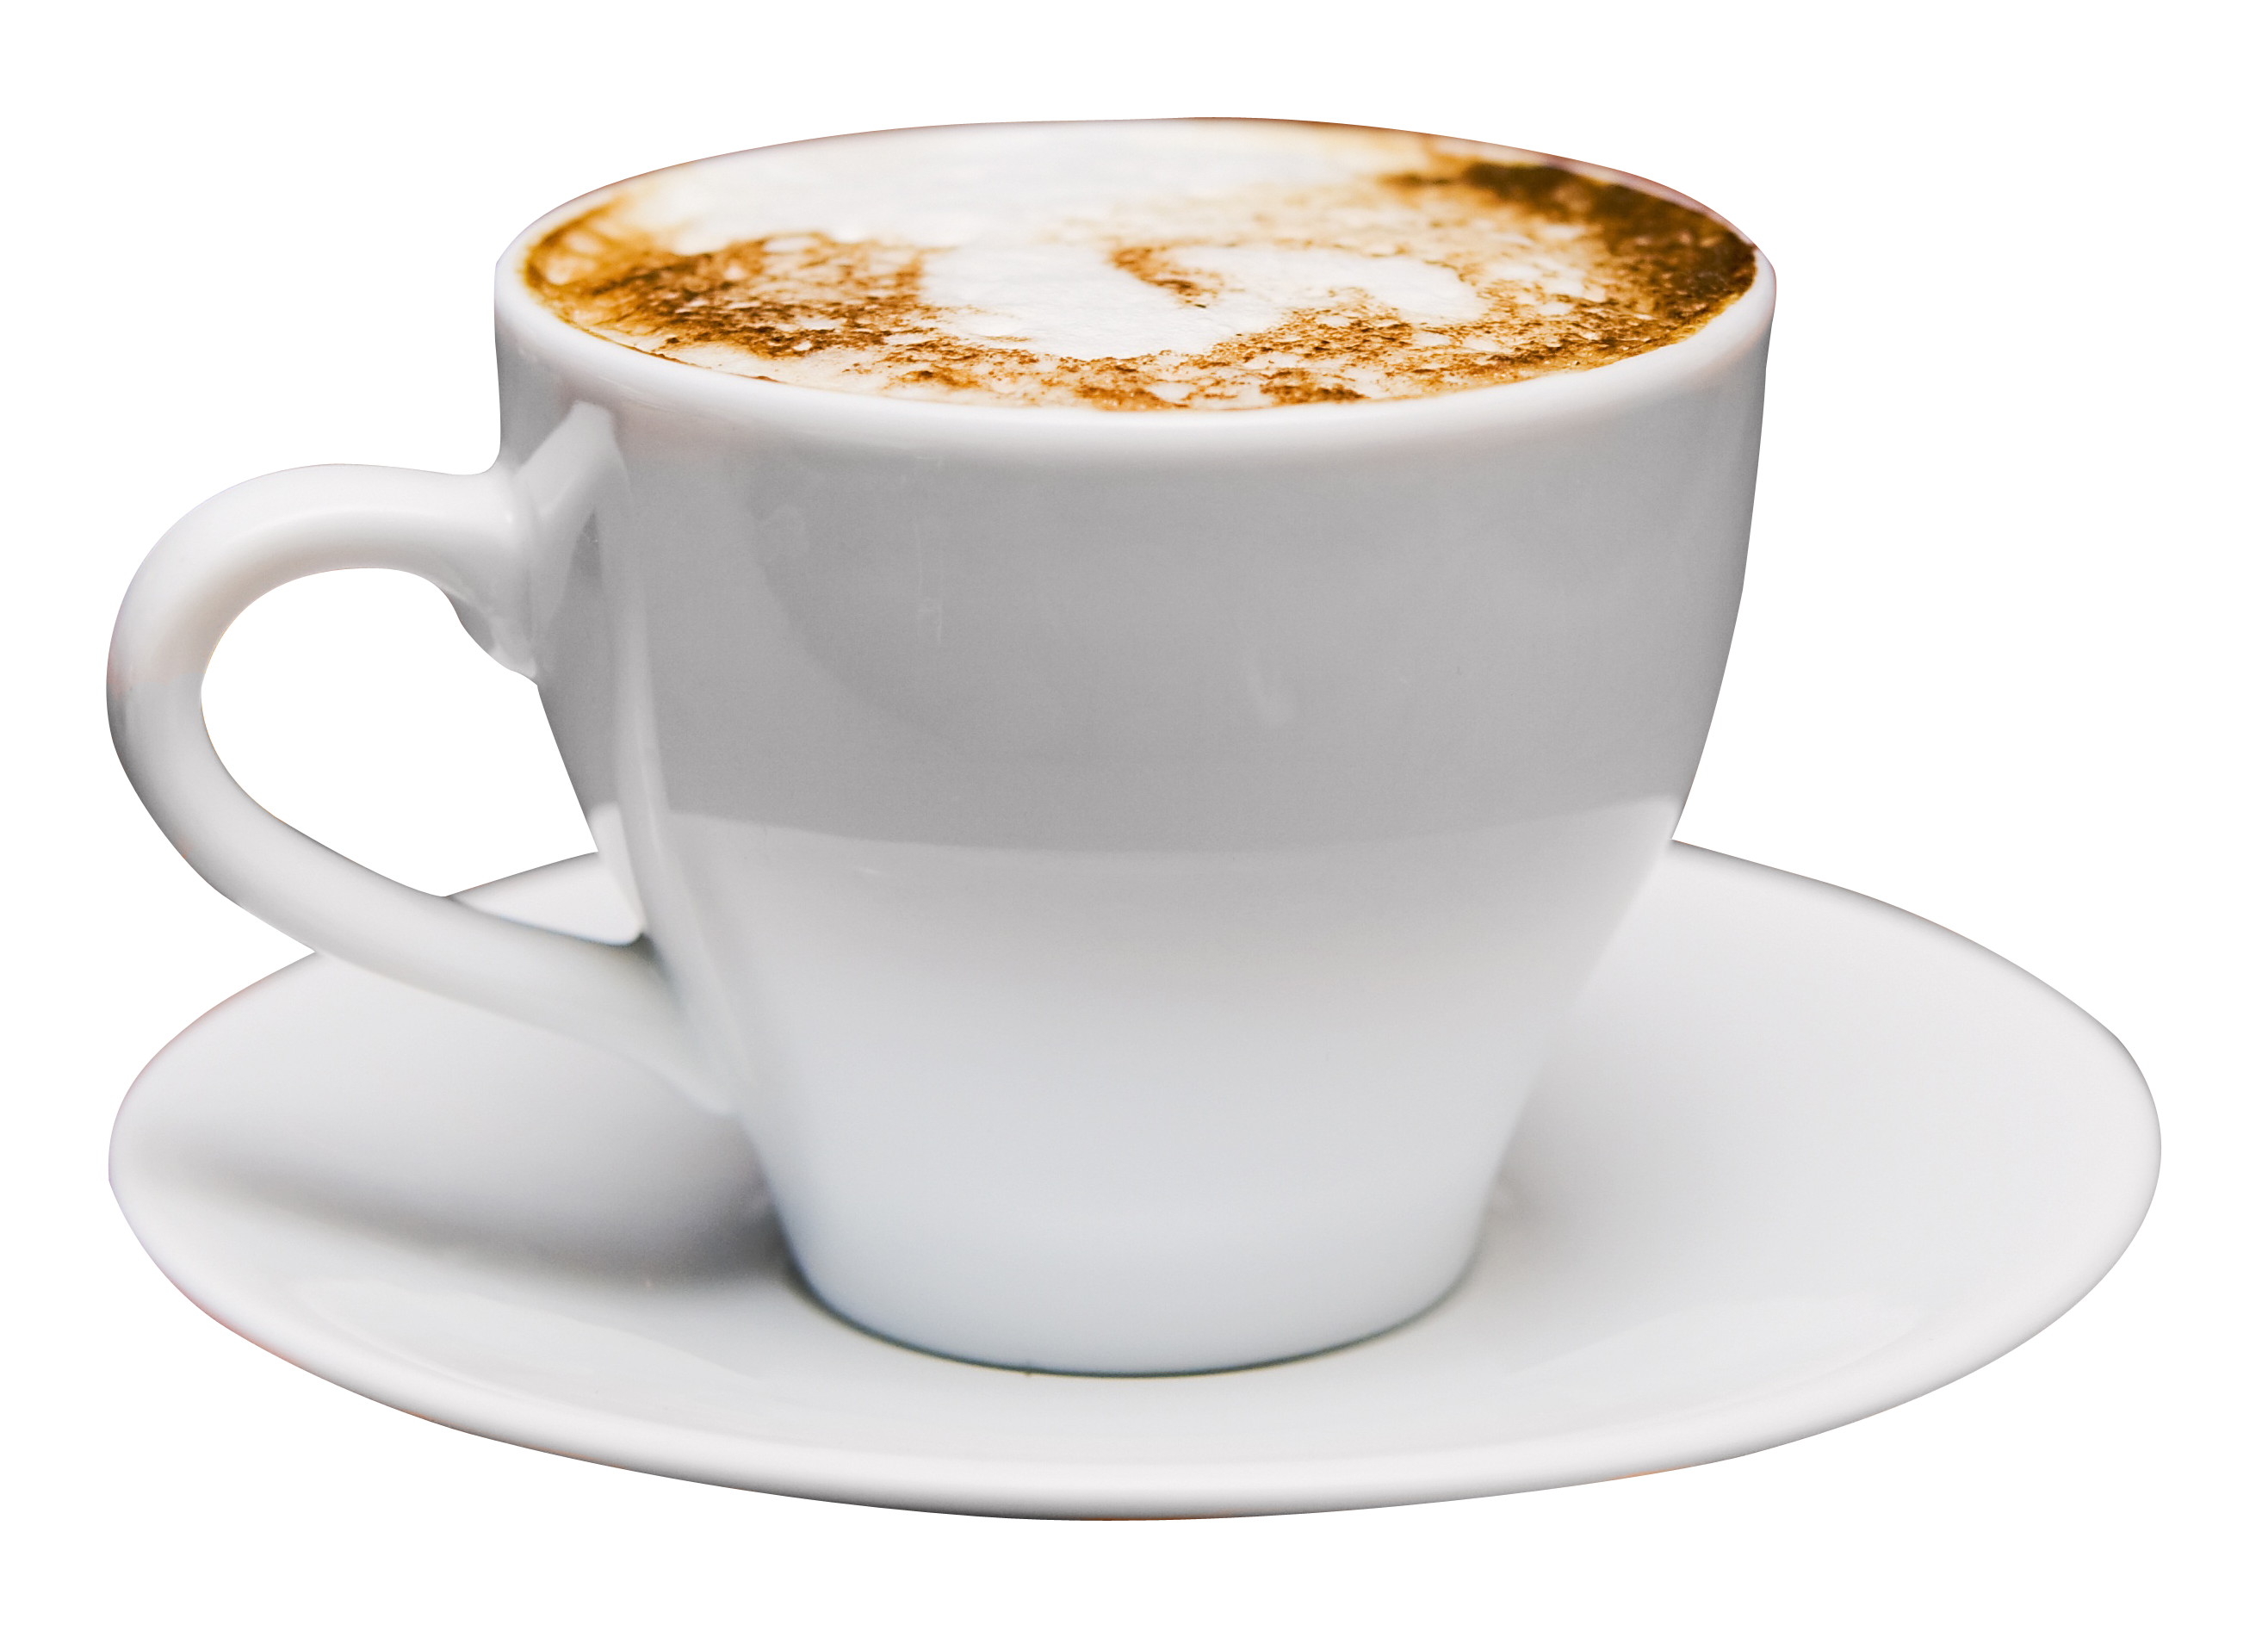 Pngpix Com Coffee Cup Png Transparent Image Png 2634 215 1894